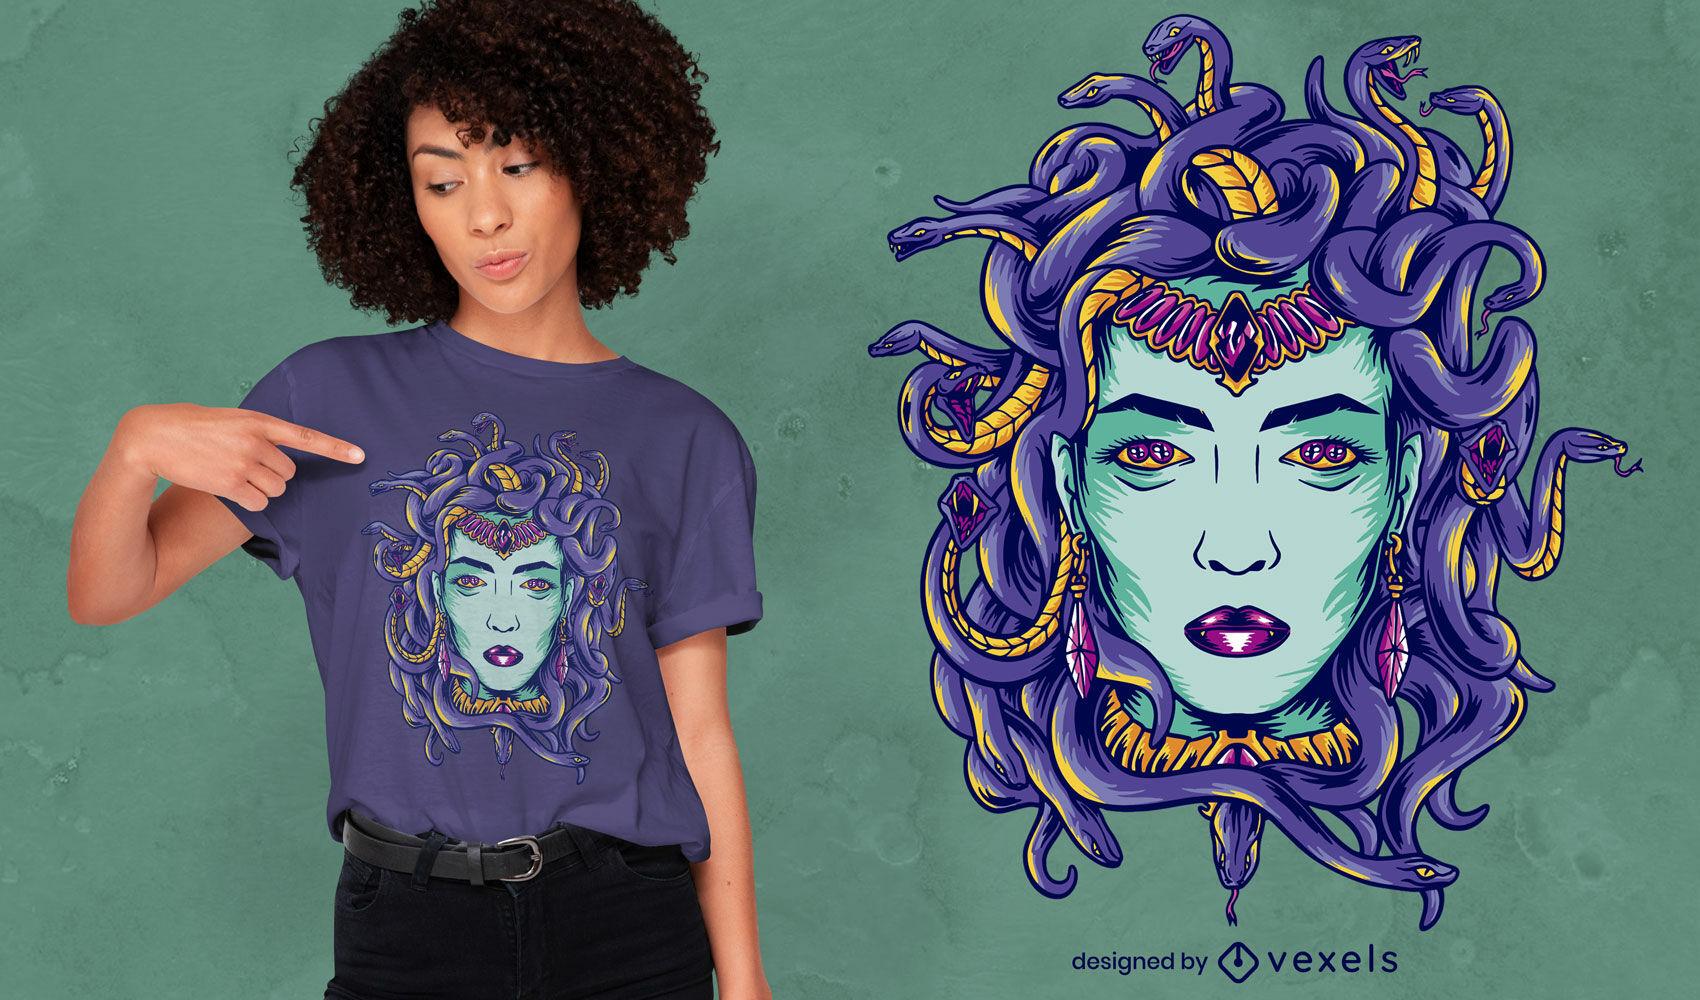 Medusa mythological monster t-shirt design